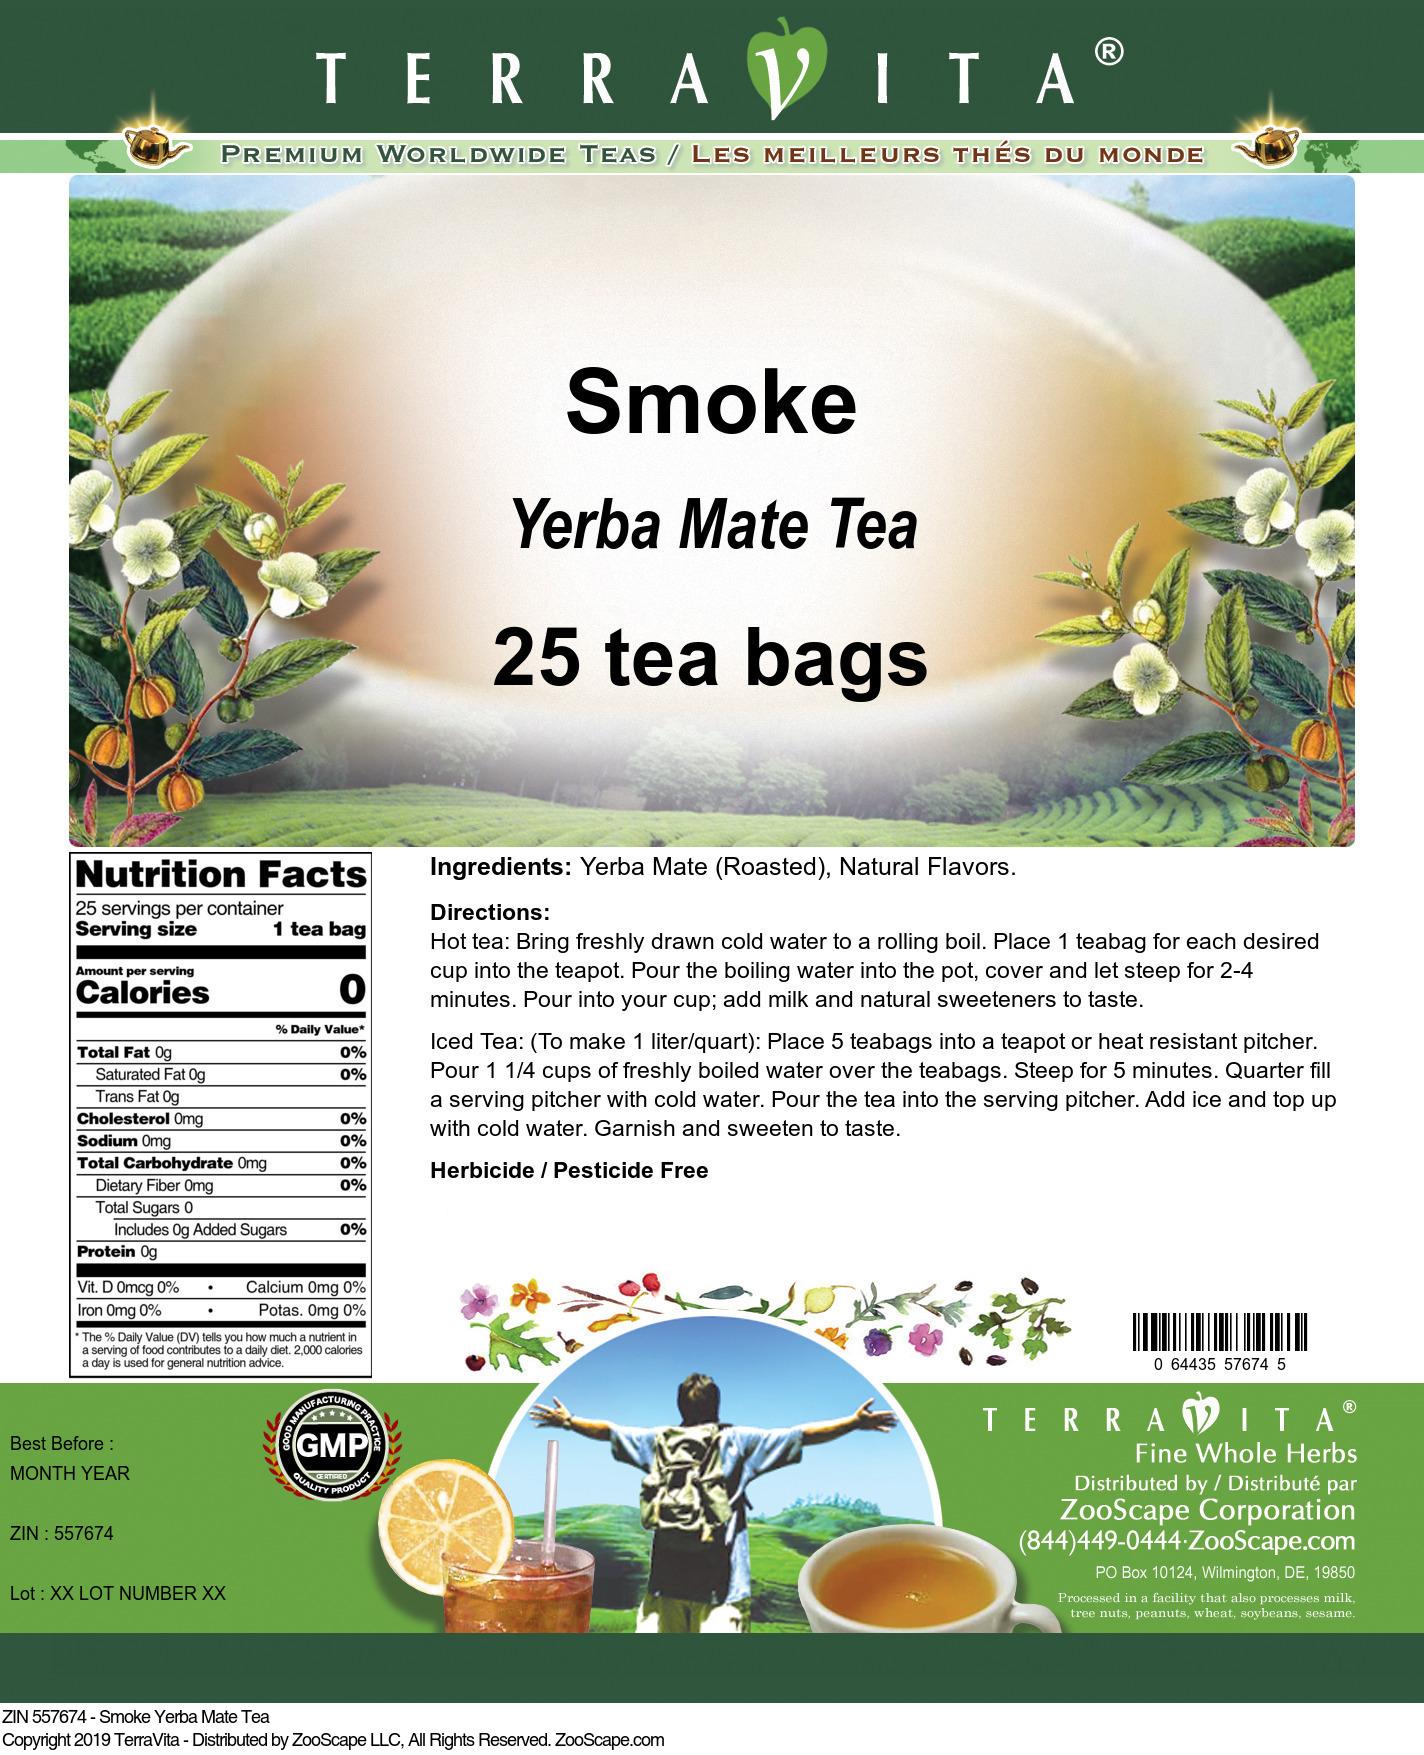 Smoke Yerba Mate Tea